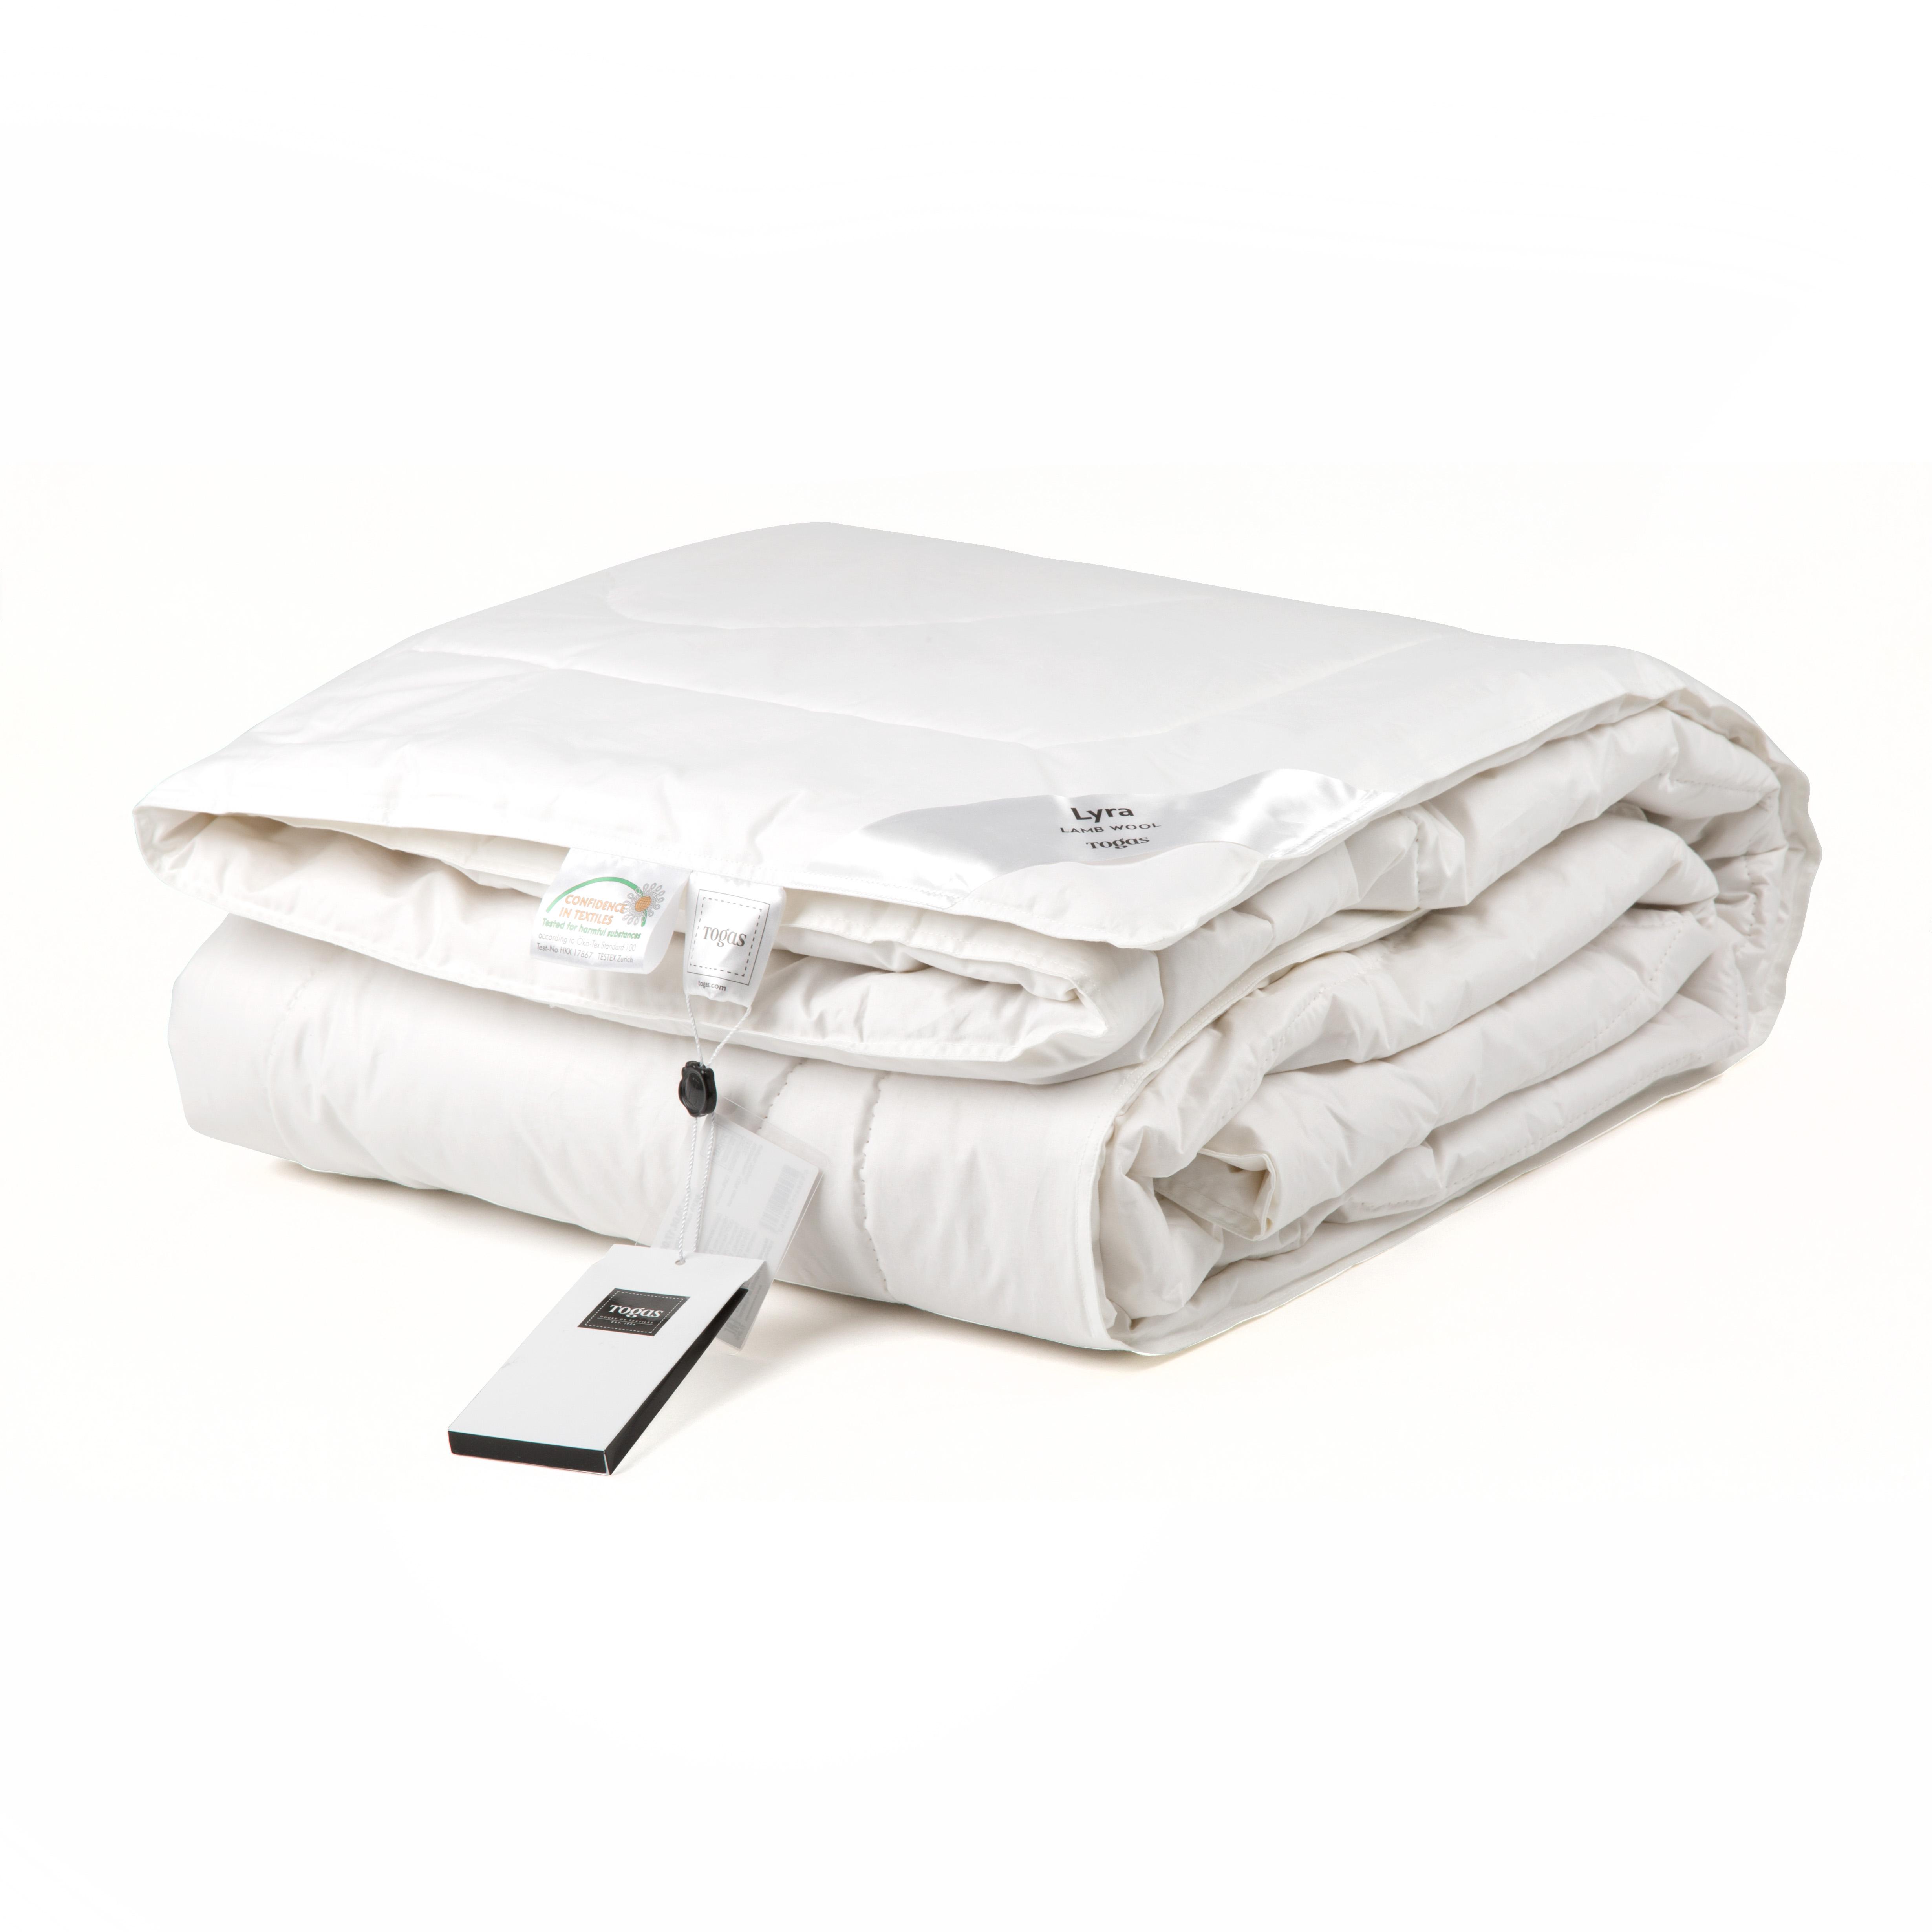 Одеяла Togas Одеяло Лира (220х240 см) одеяла togas одеяло гелиос 220х240 см